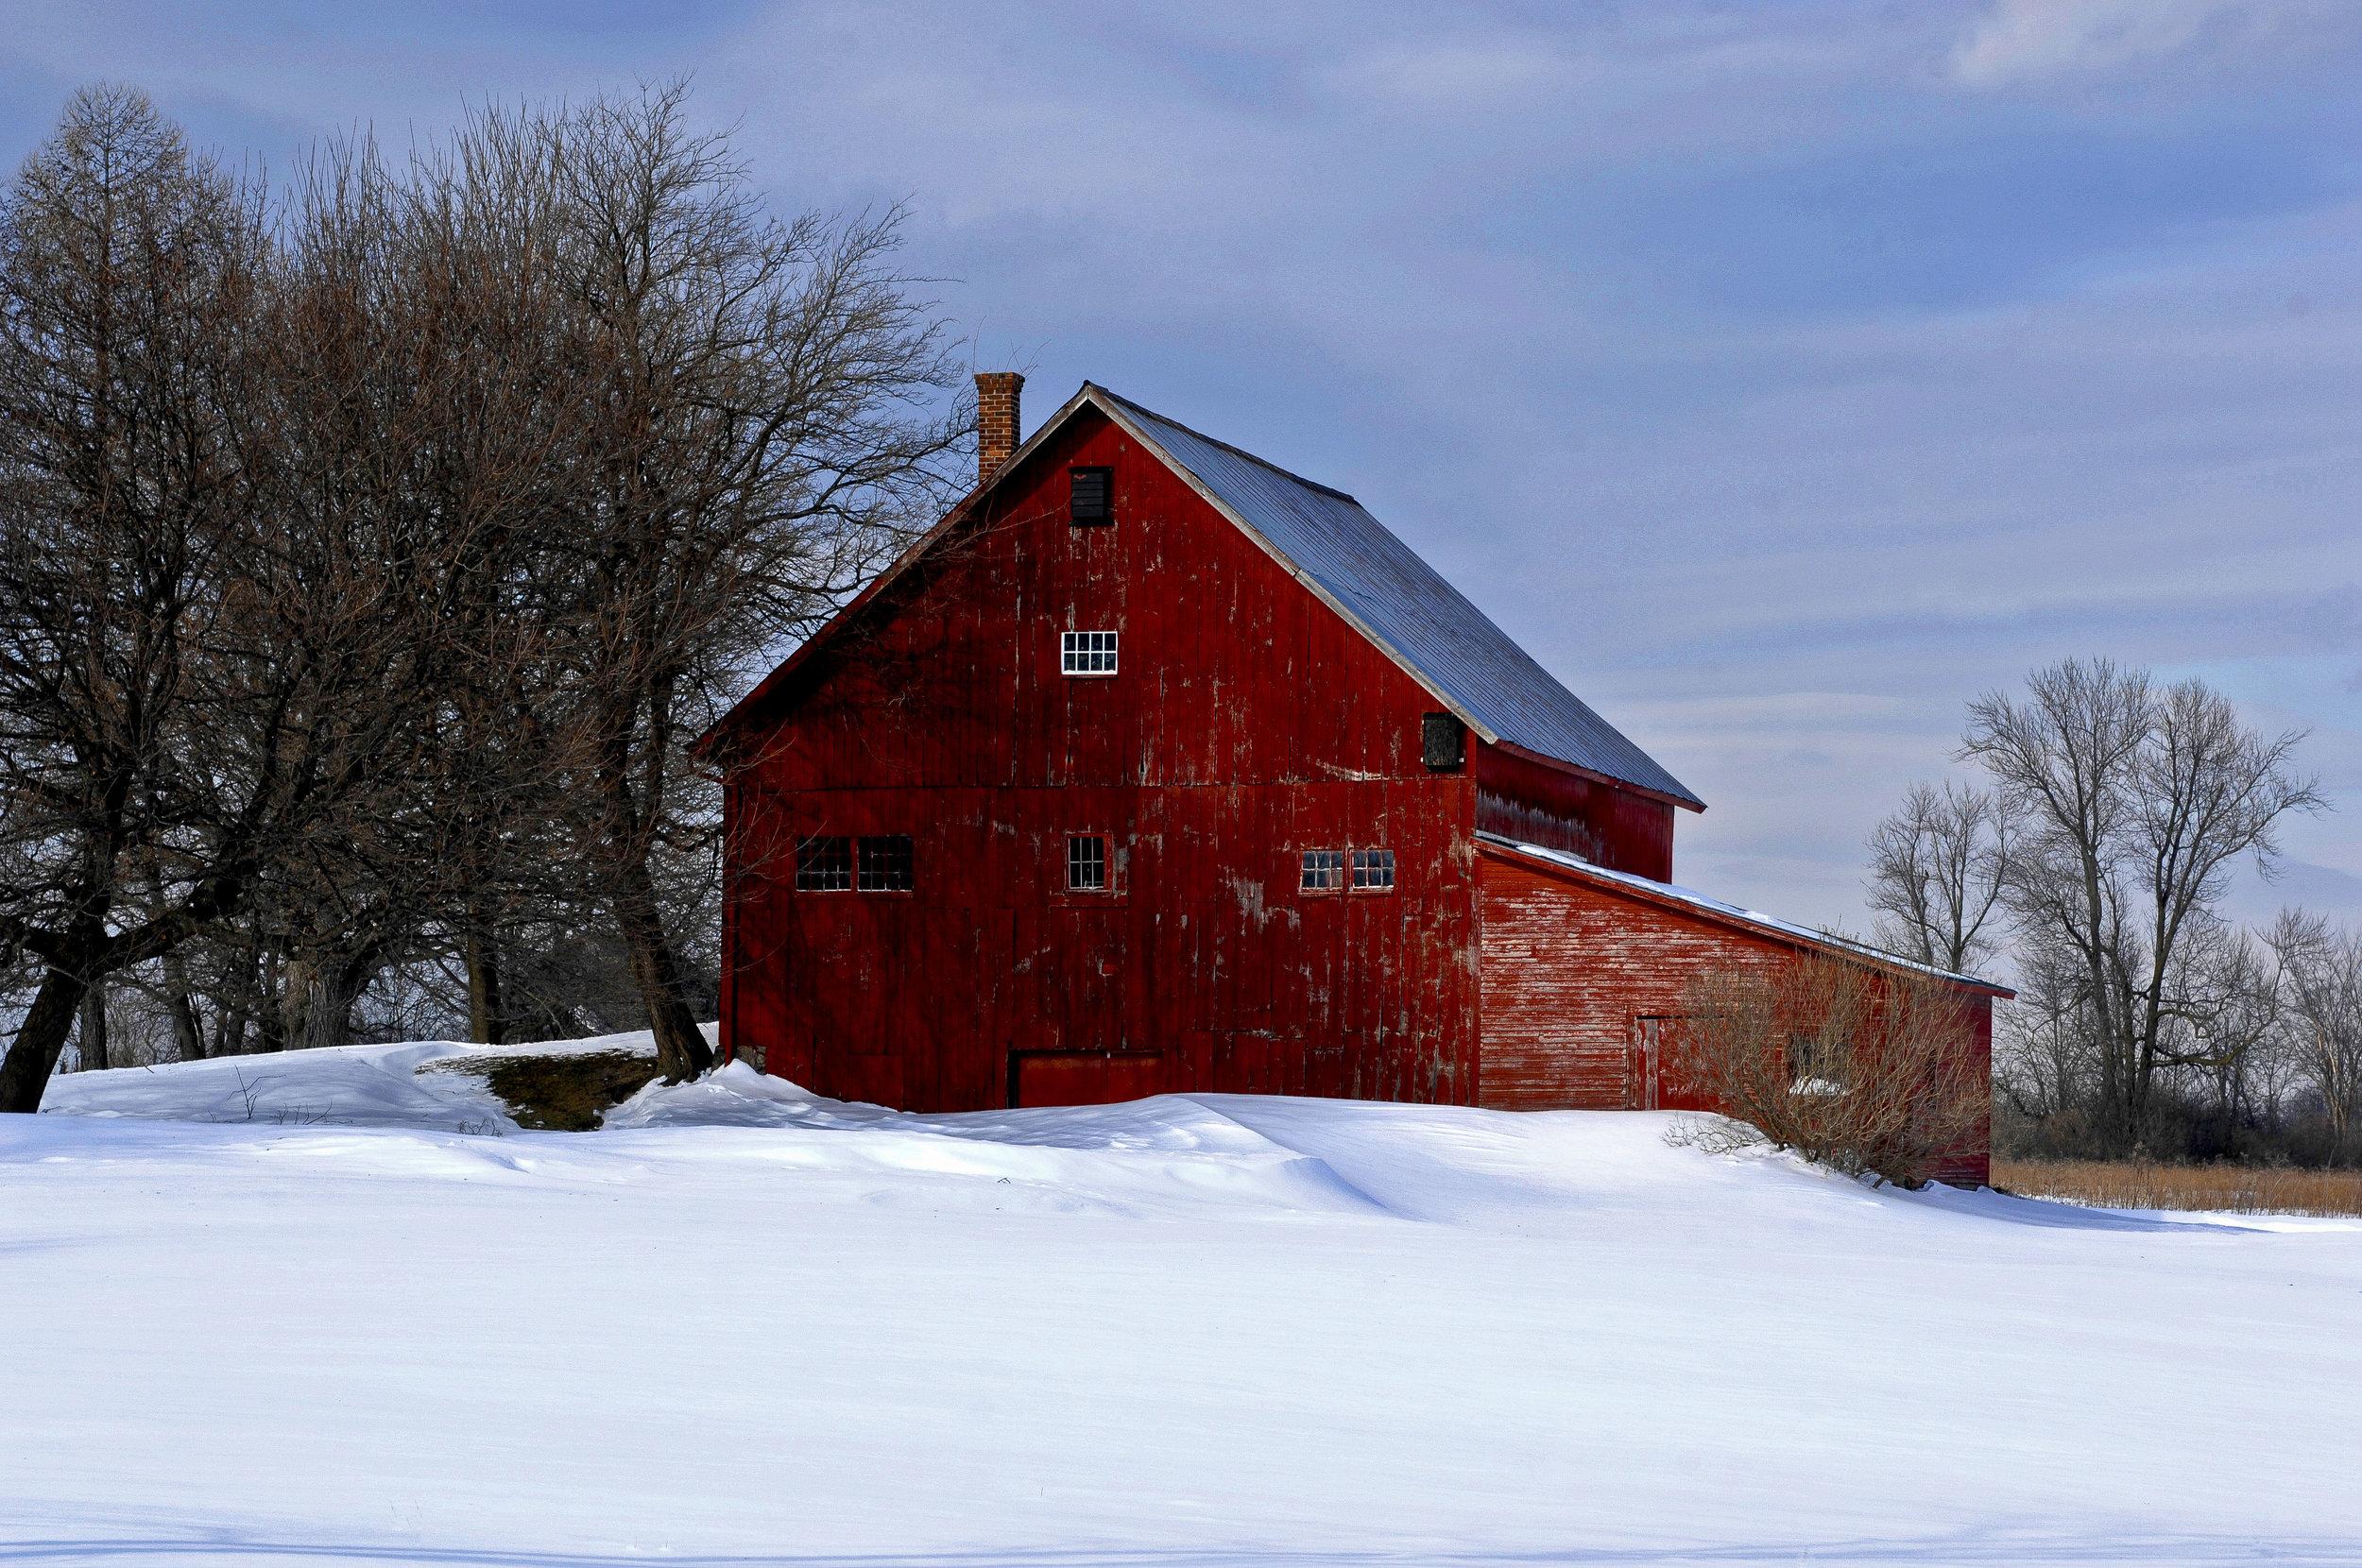 Snowy Barn 1.jpg